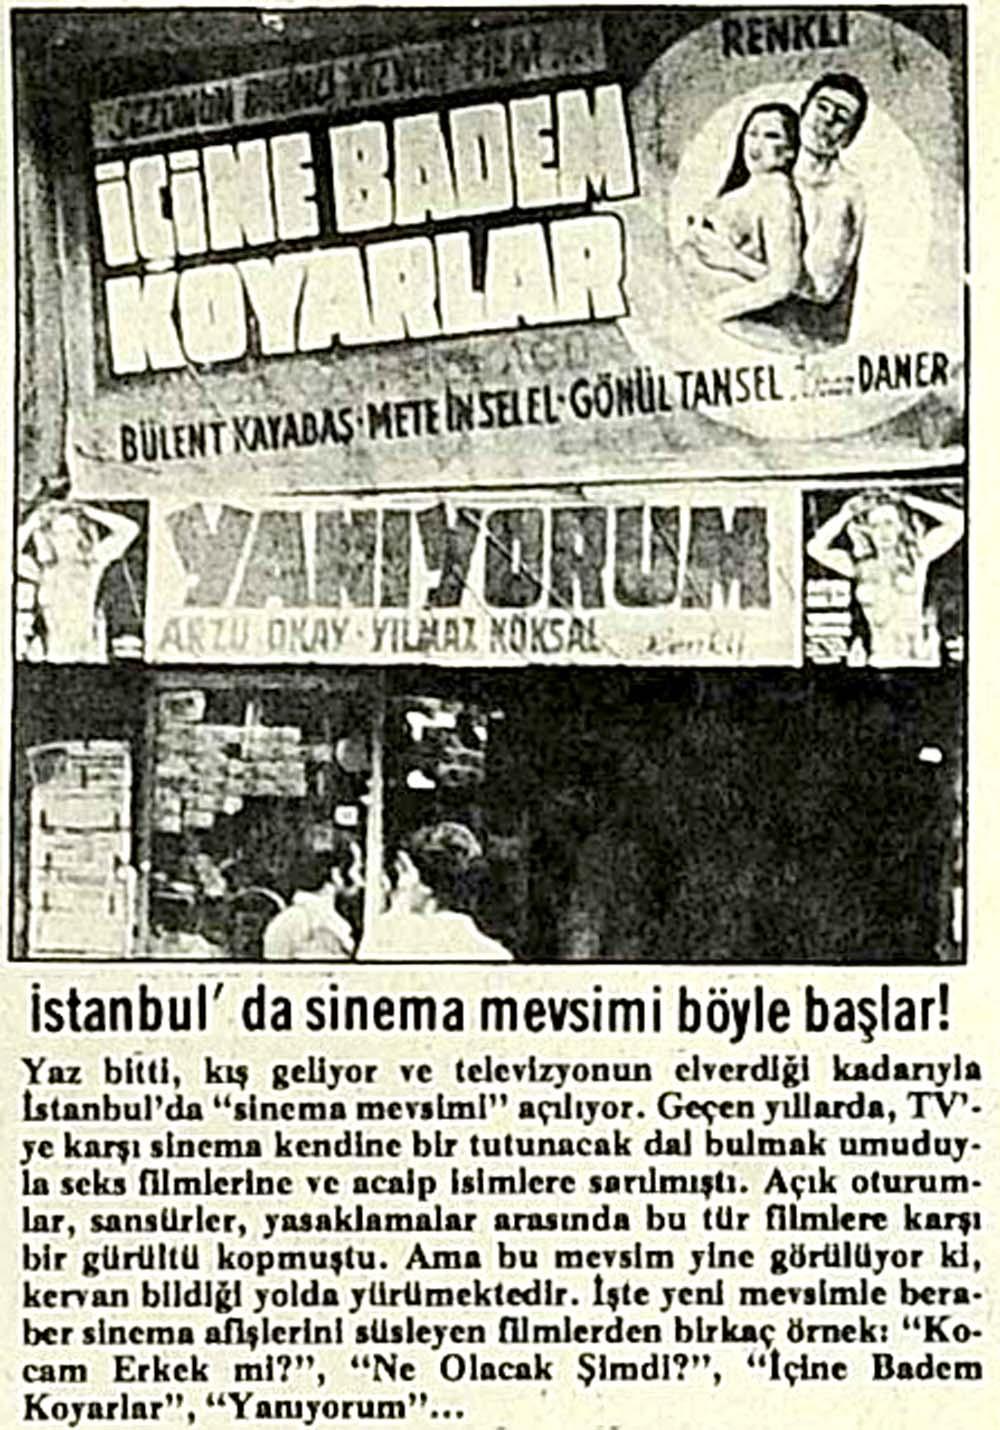 İstanbul'da sinema mevsimi böyle başlar!